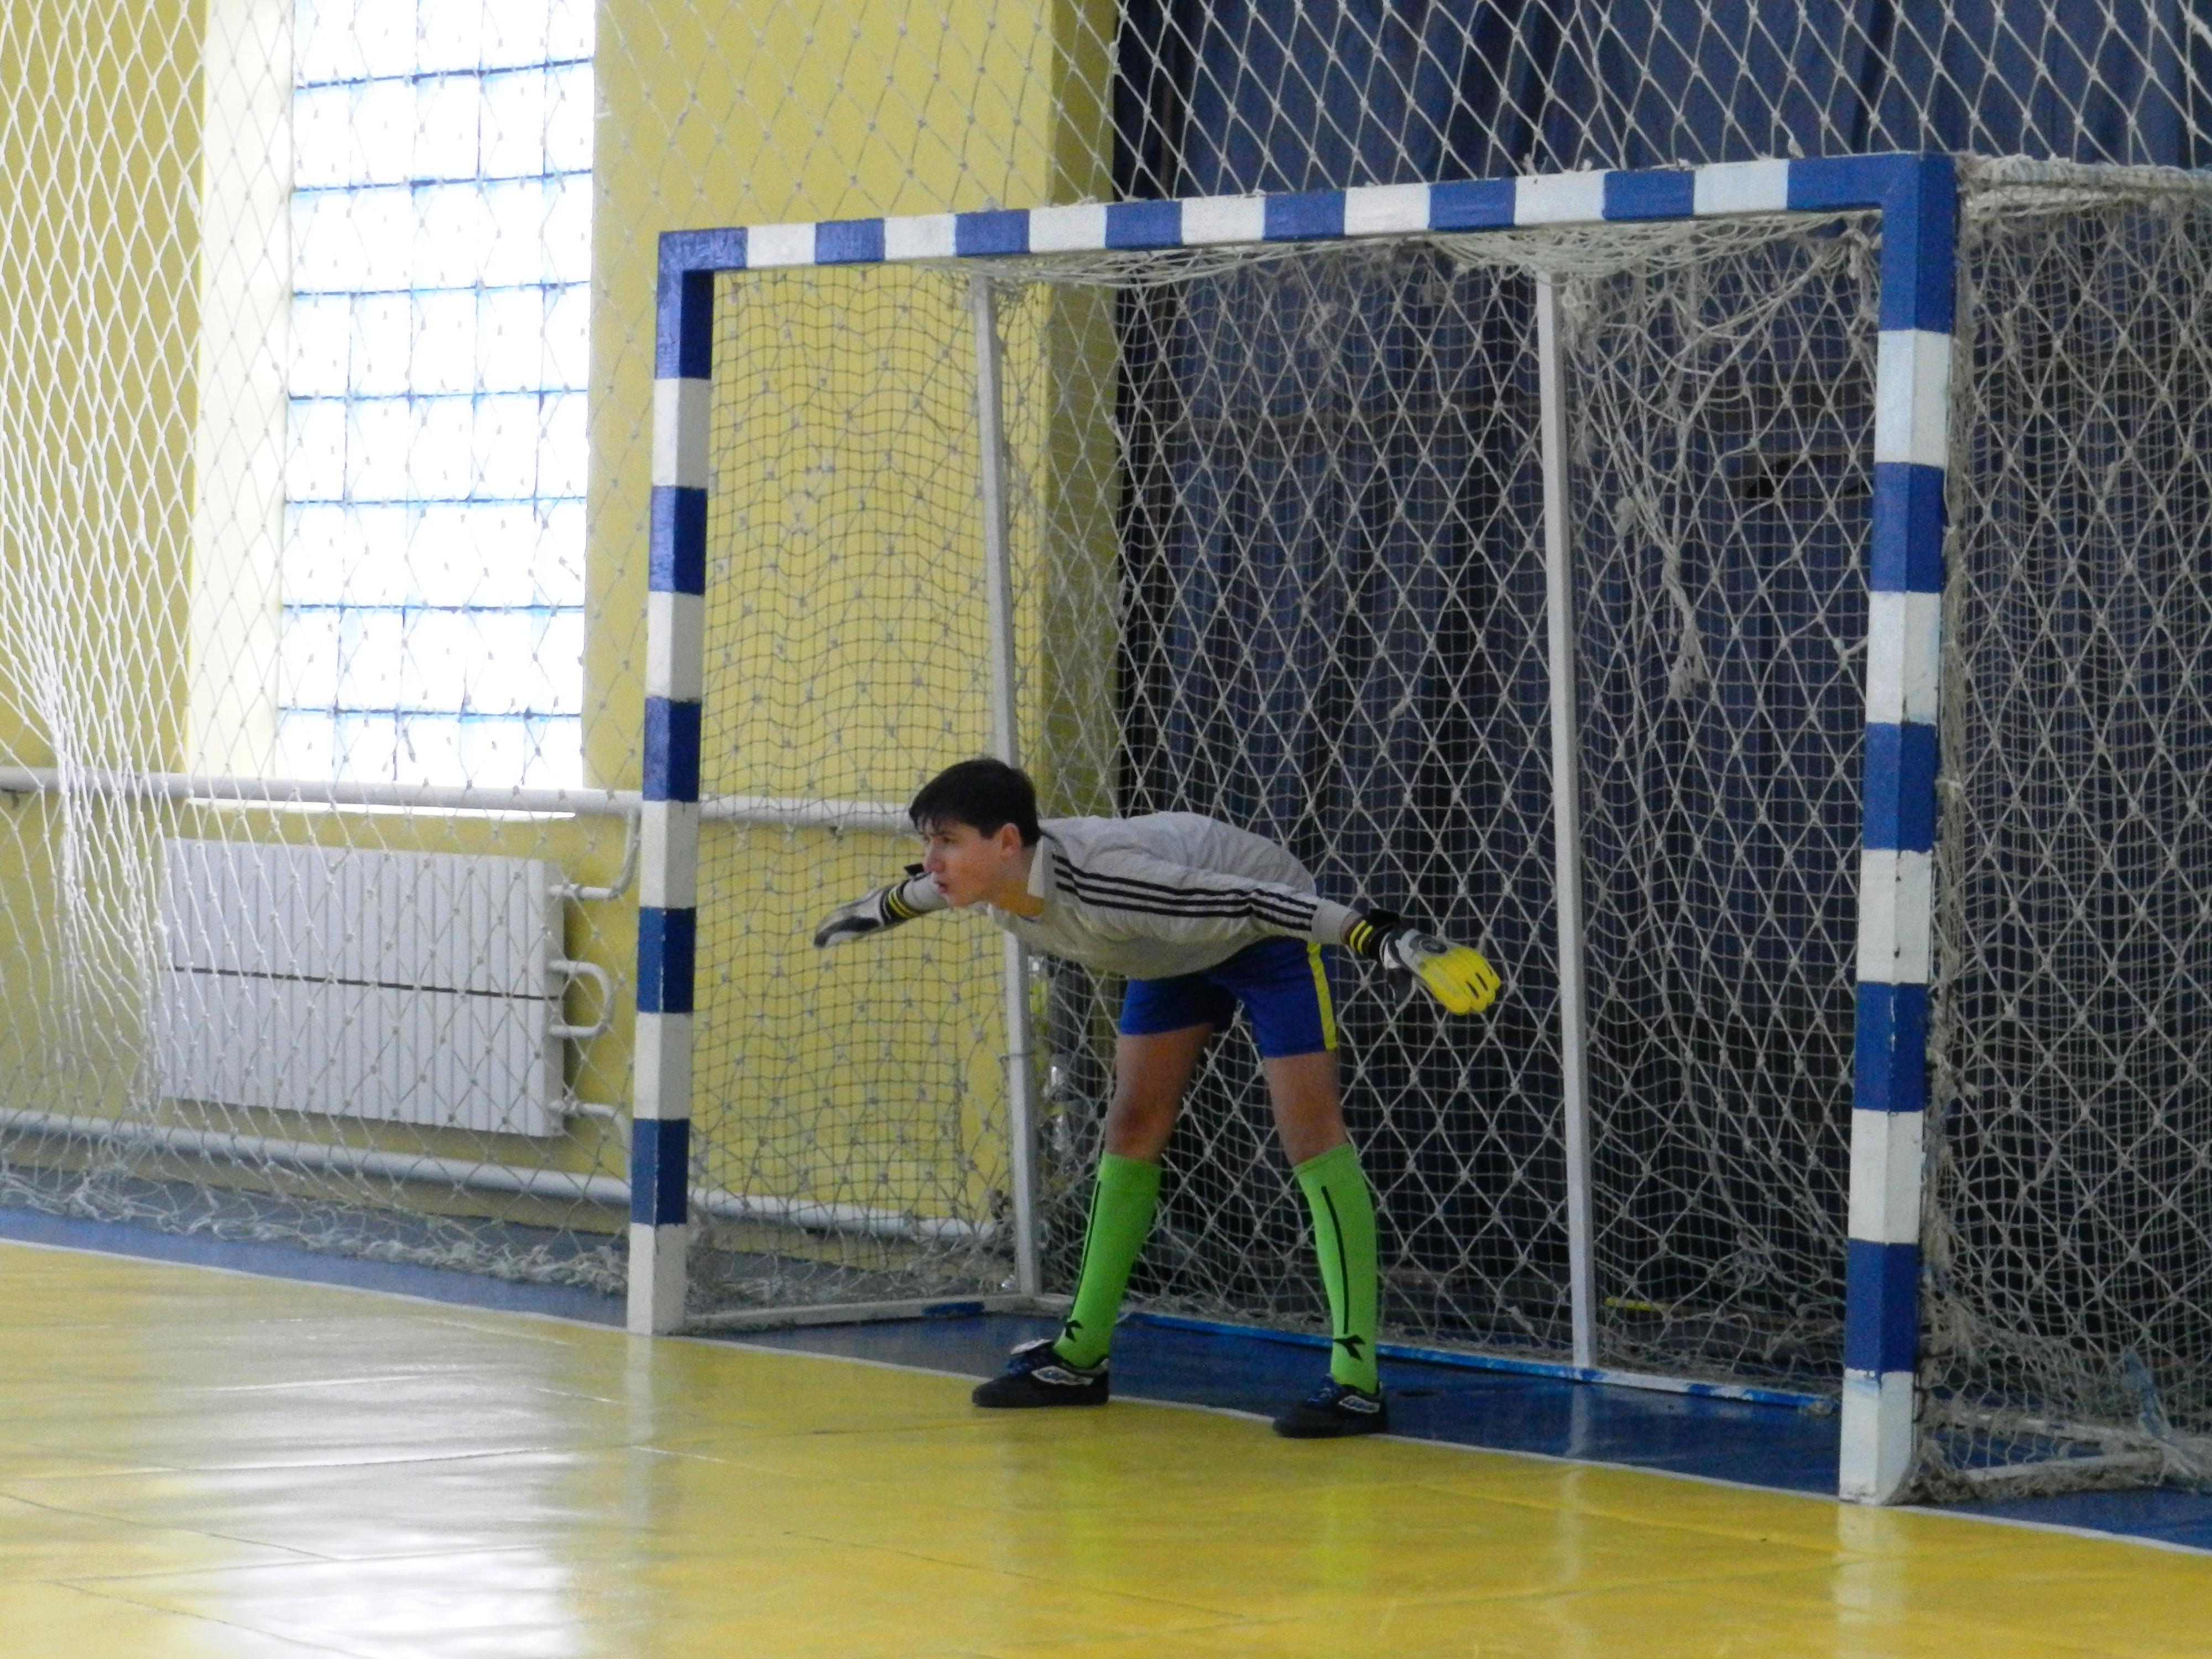 ІІІ етап чемпіонату області з футзалу серед команд юнаків